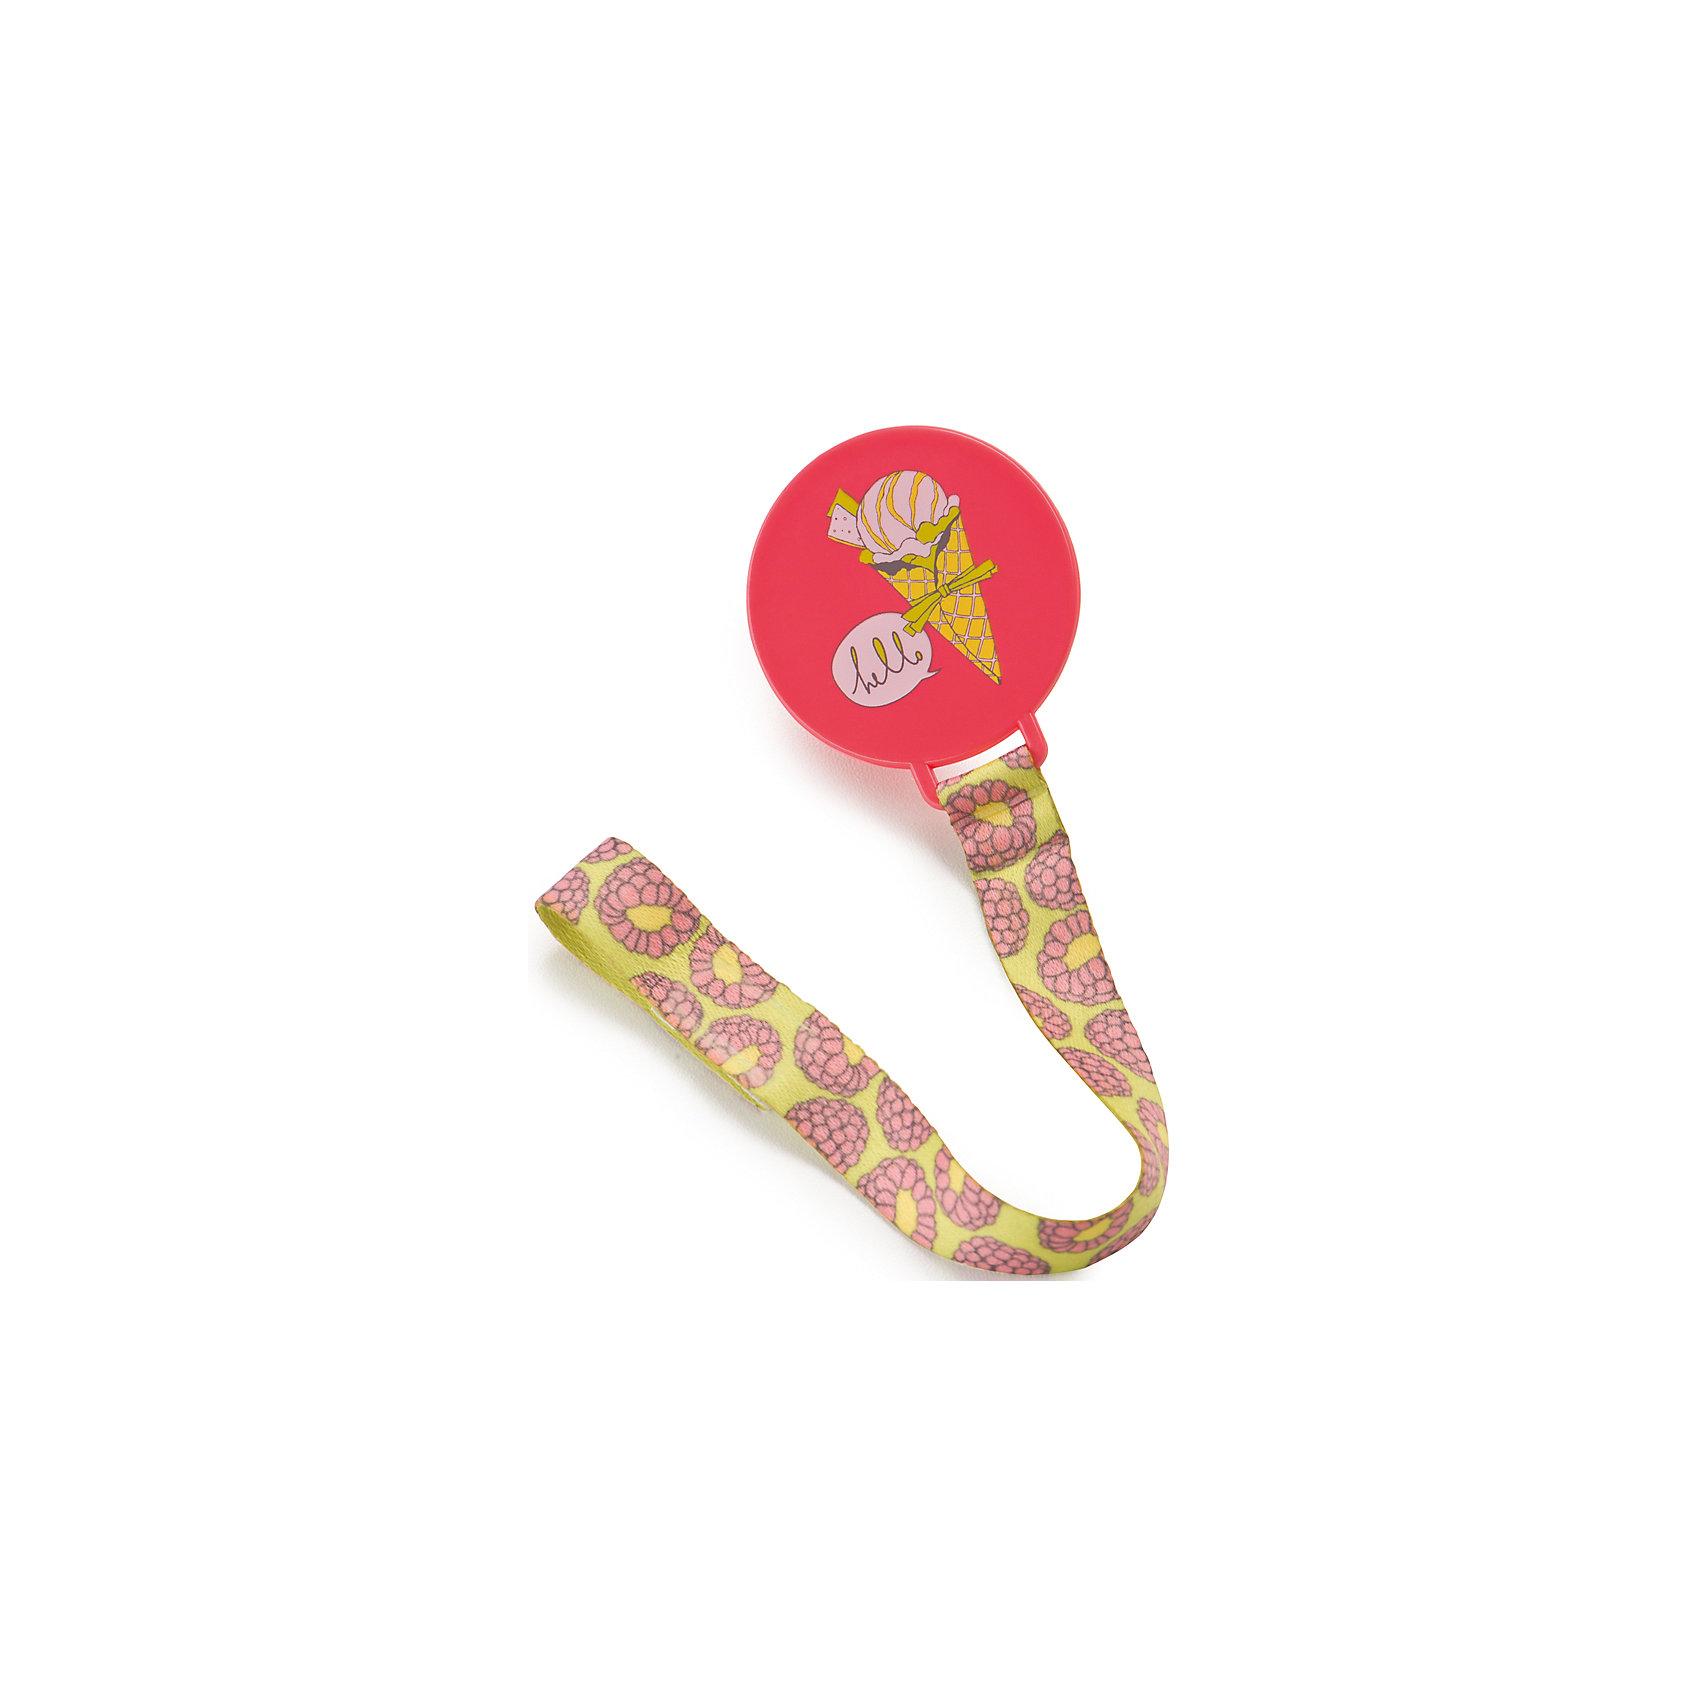 Держатель для пустышки, Happy Baby, розовыйКлипса-держатель для пустышки Happy Baby  розовый изготовлена из безопасного и качественного материала. С таким держателем вы сможете избежать ситуации, когда пустышка падает, теряется или становится грязной. Клипса-держатель снабжена мягким ремешком, который прикрепляется к пустышке, а сама клипса легко пристегивается к нагруднику, одежде ребенка или коляске.<br>Не содержит бисфенол-А.<br><br>Дополнительная информация:<br><br>-не даст пустышке упасть<br>- возможность использовать как для пустышки, так и для прорезывателя<br>- прочное крепление благодаря надежному зажиму<br>- удобно брать с собой<br>- яркий дизайн<br>- материал -abs пластик, полипропилен<br><br>Держатель для пустышки, Happy Baby, розовый можно купить в нашем интернет-магазине.<br><br>Ширина мм: 50<br>Глубина мм: 65<br>Высота мм: 170<br>Вес г: 45<br>Возраст от месяцев: 0<br>Возраст до месяцев: 12<br>Пол: Унисекс<br>Возраст: Детский<br>SKU: 4696802